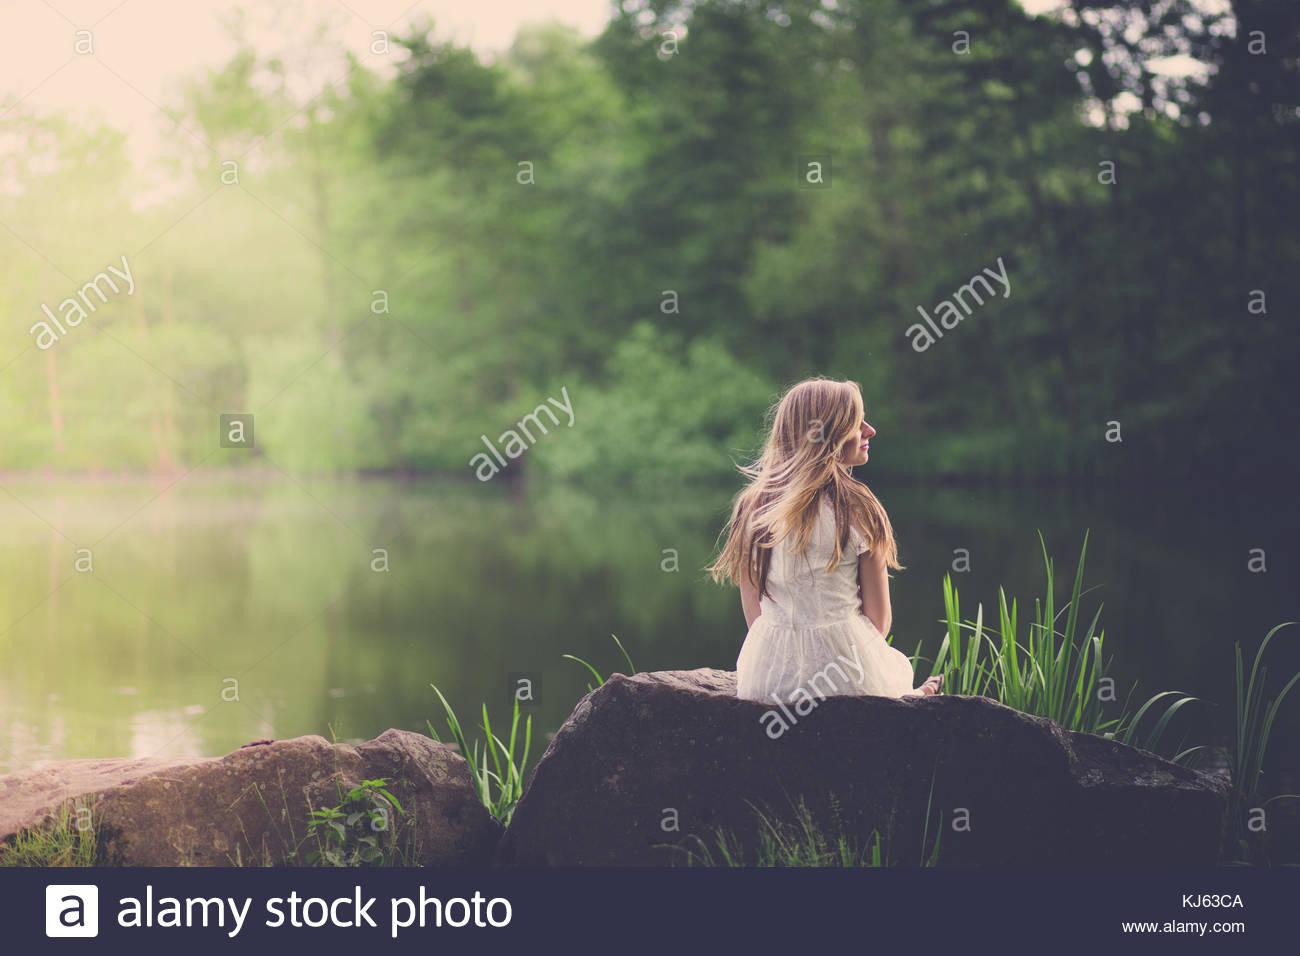 Femme blonde se détend à proximité d'un étang Photo Stock